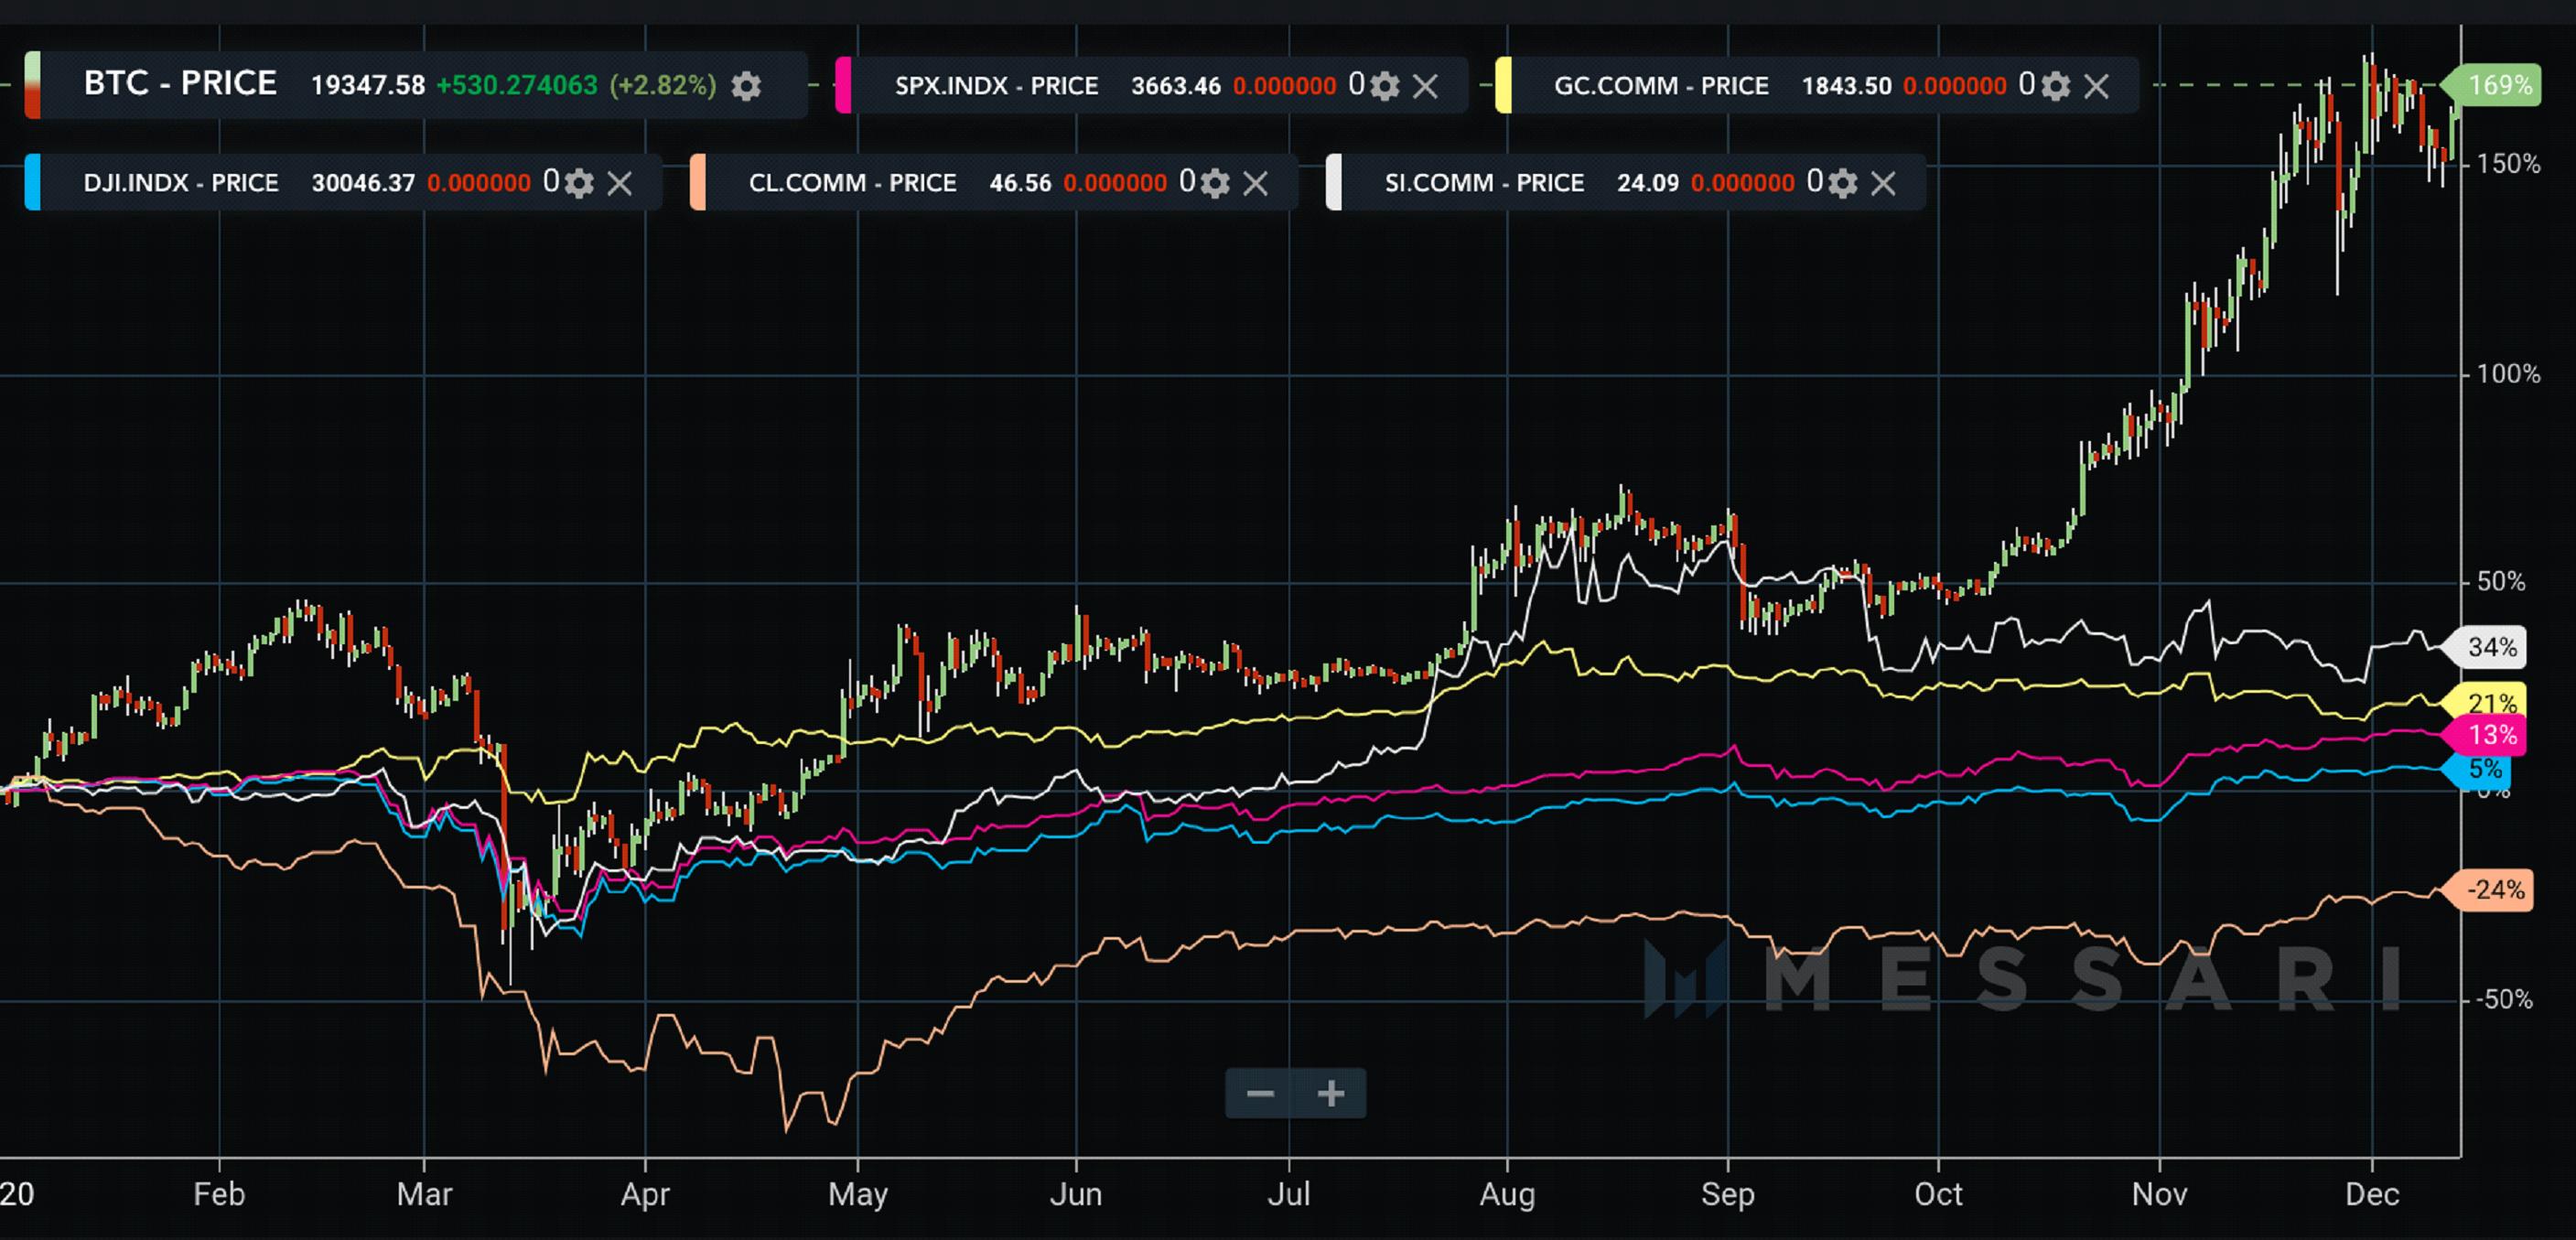 BTC je prevazišao S&P500, zlato, Dow Jones, naftu i srebro u 2020